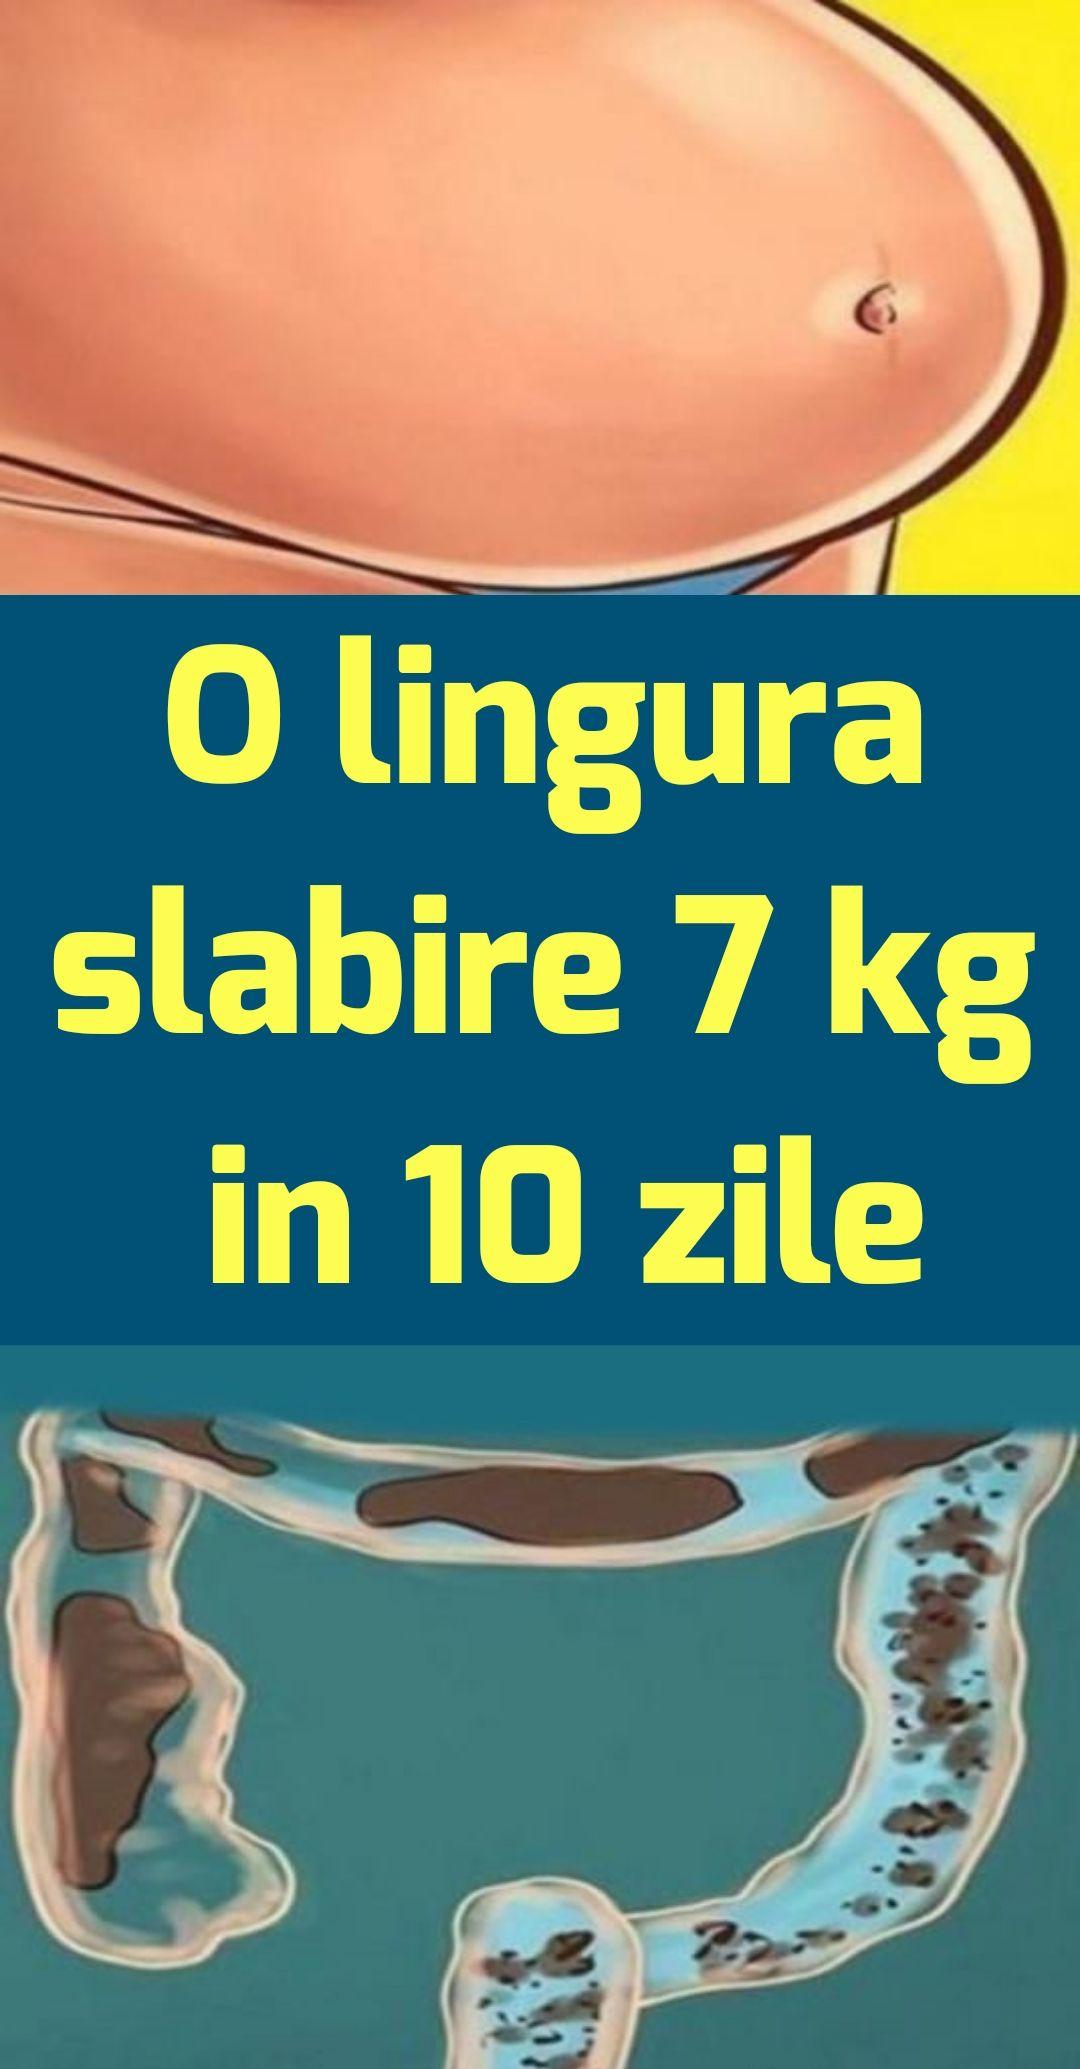 Pierderea în greutate în timpul sarcinii: în trimestrele 1, 2 și 3